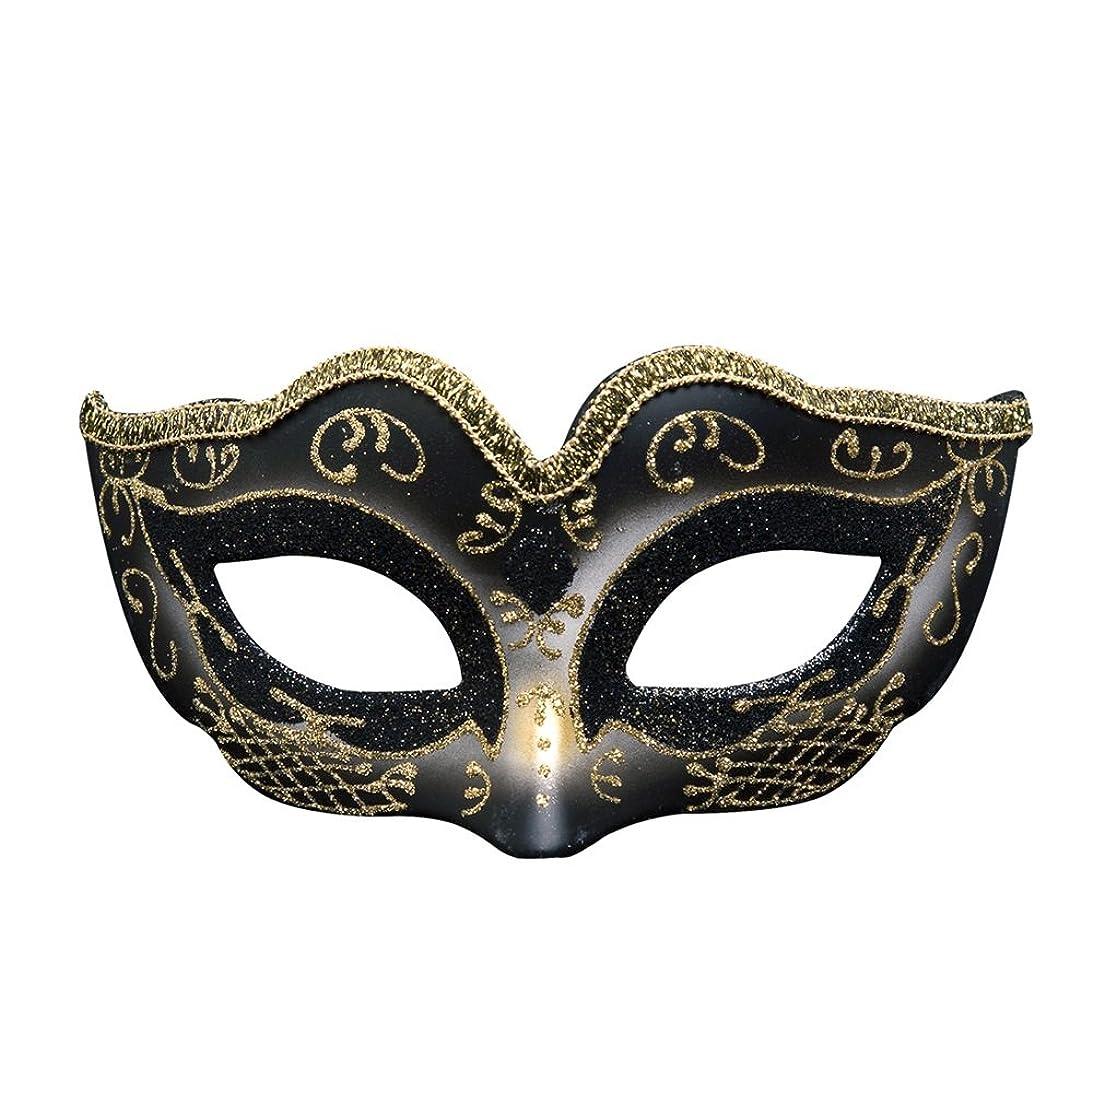 ブラウン地上で動詞クリエイティブカスタム子供のなりすましパーティーハロウィーンマスククリスマス雰囲気マスク (Color : A)